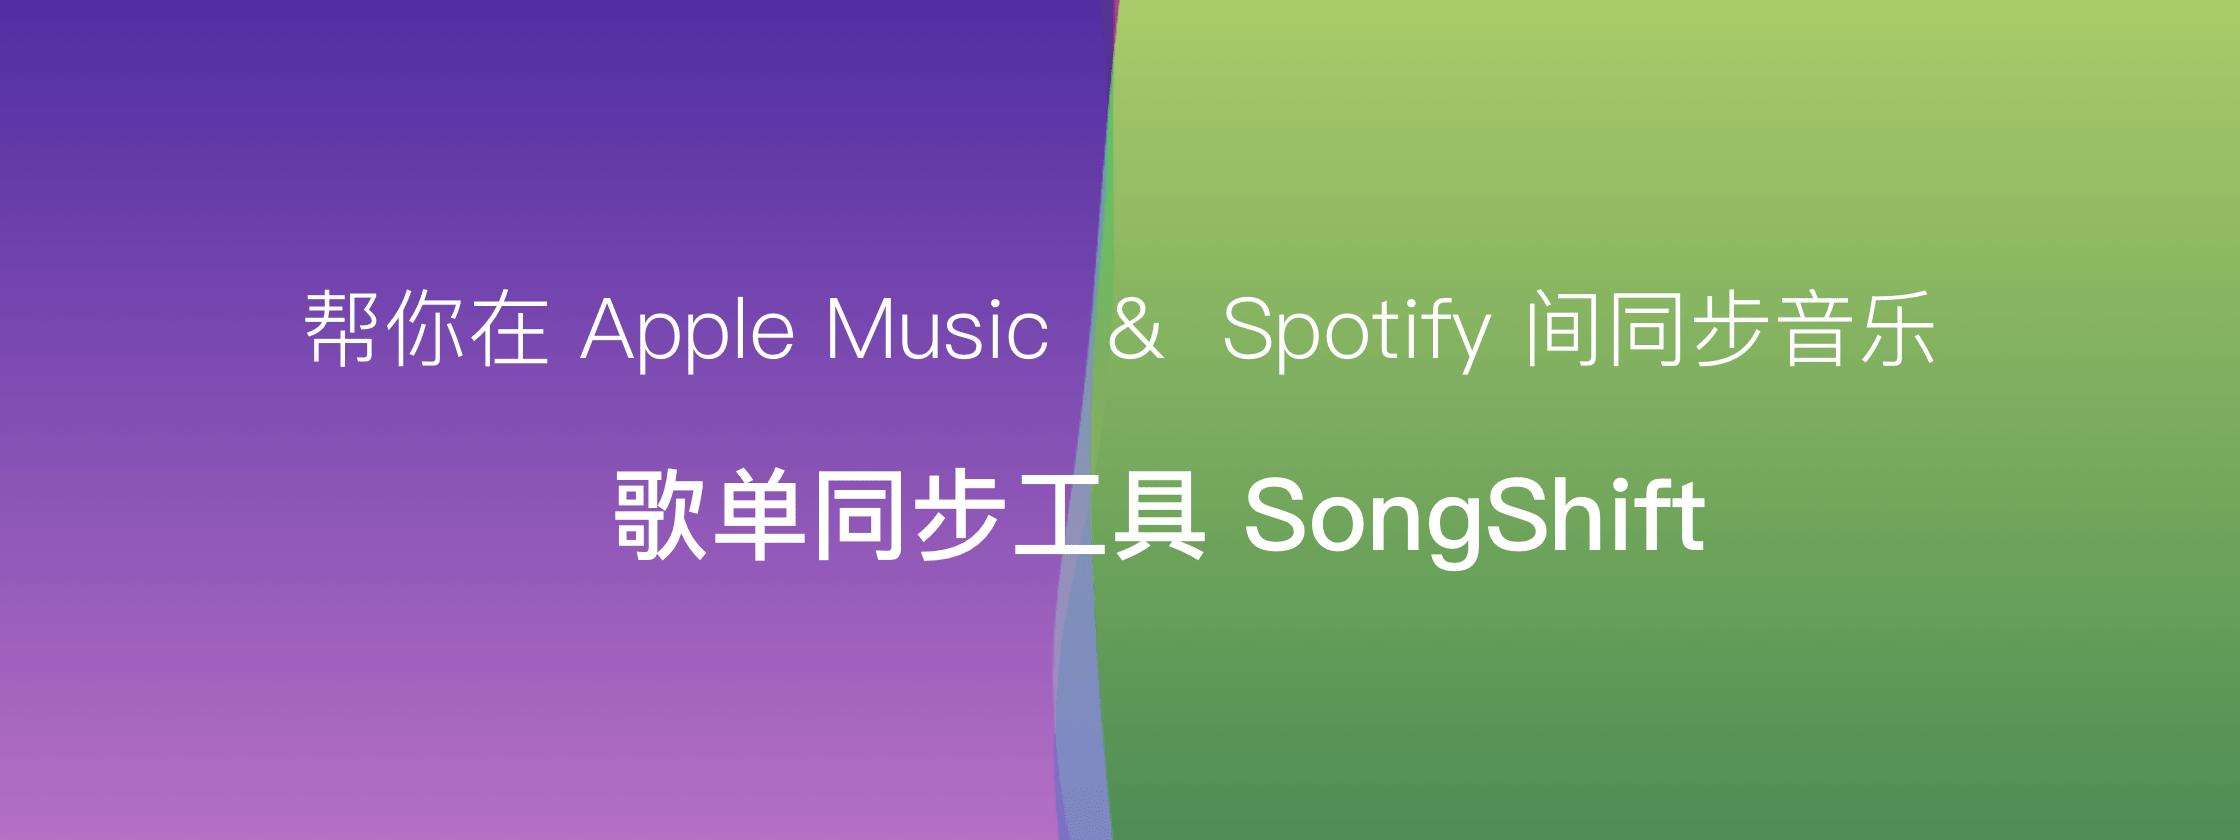 帮你在 Apple Music 和 Spotify 间同步音乐:歌单同步工具 SongShift